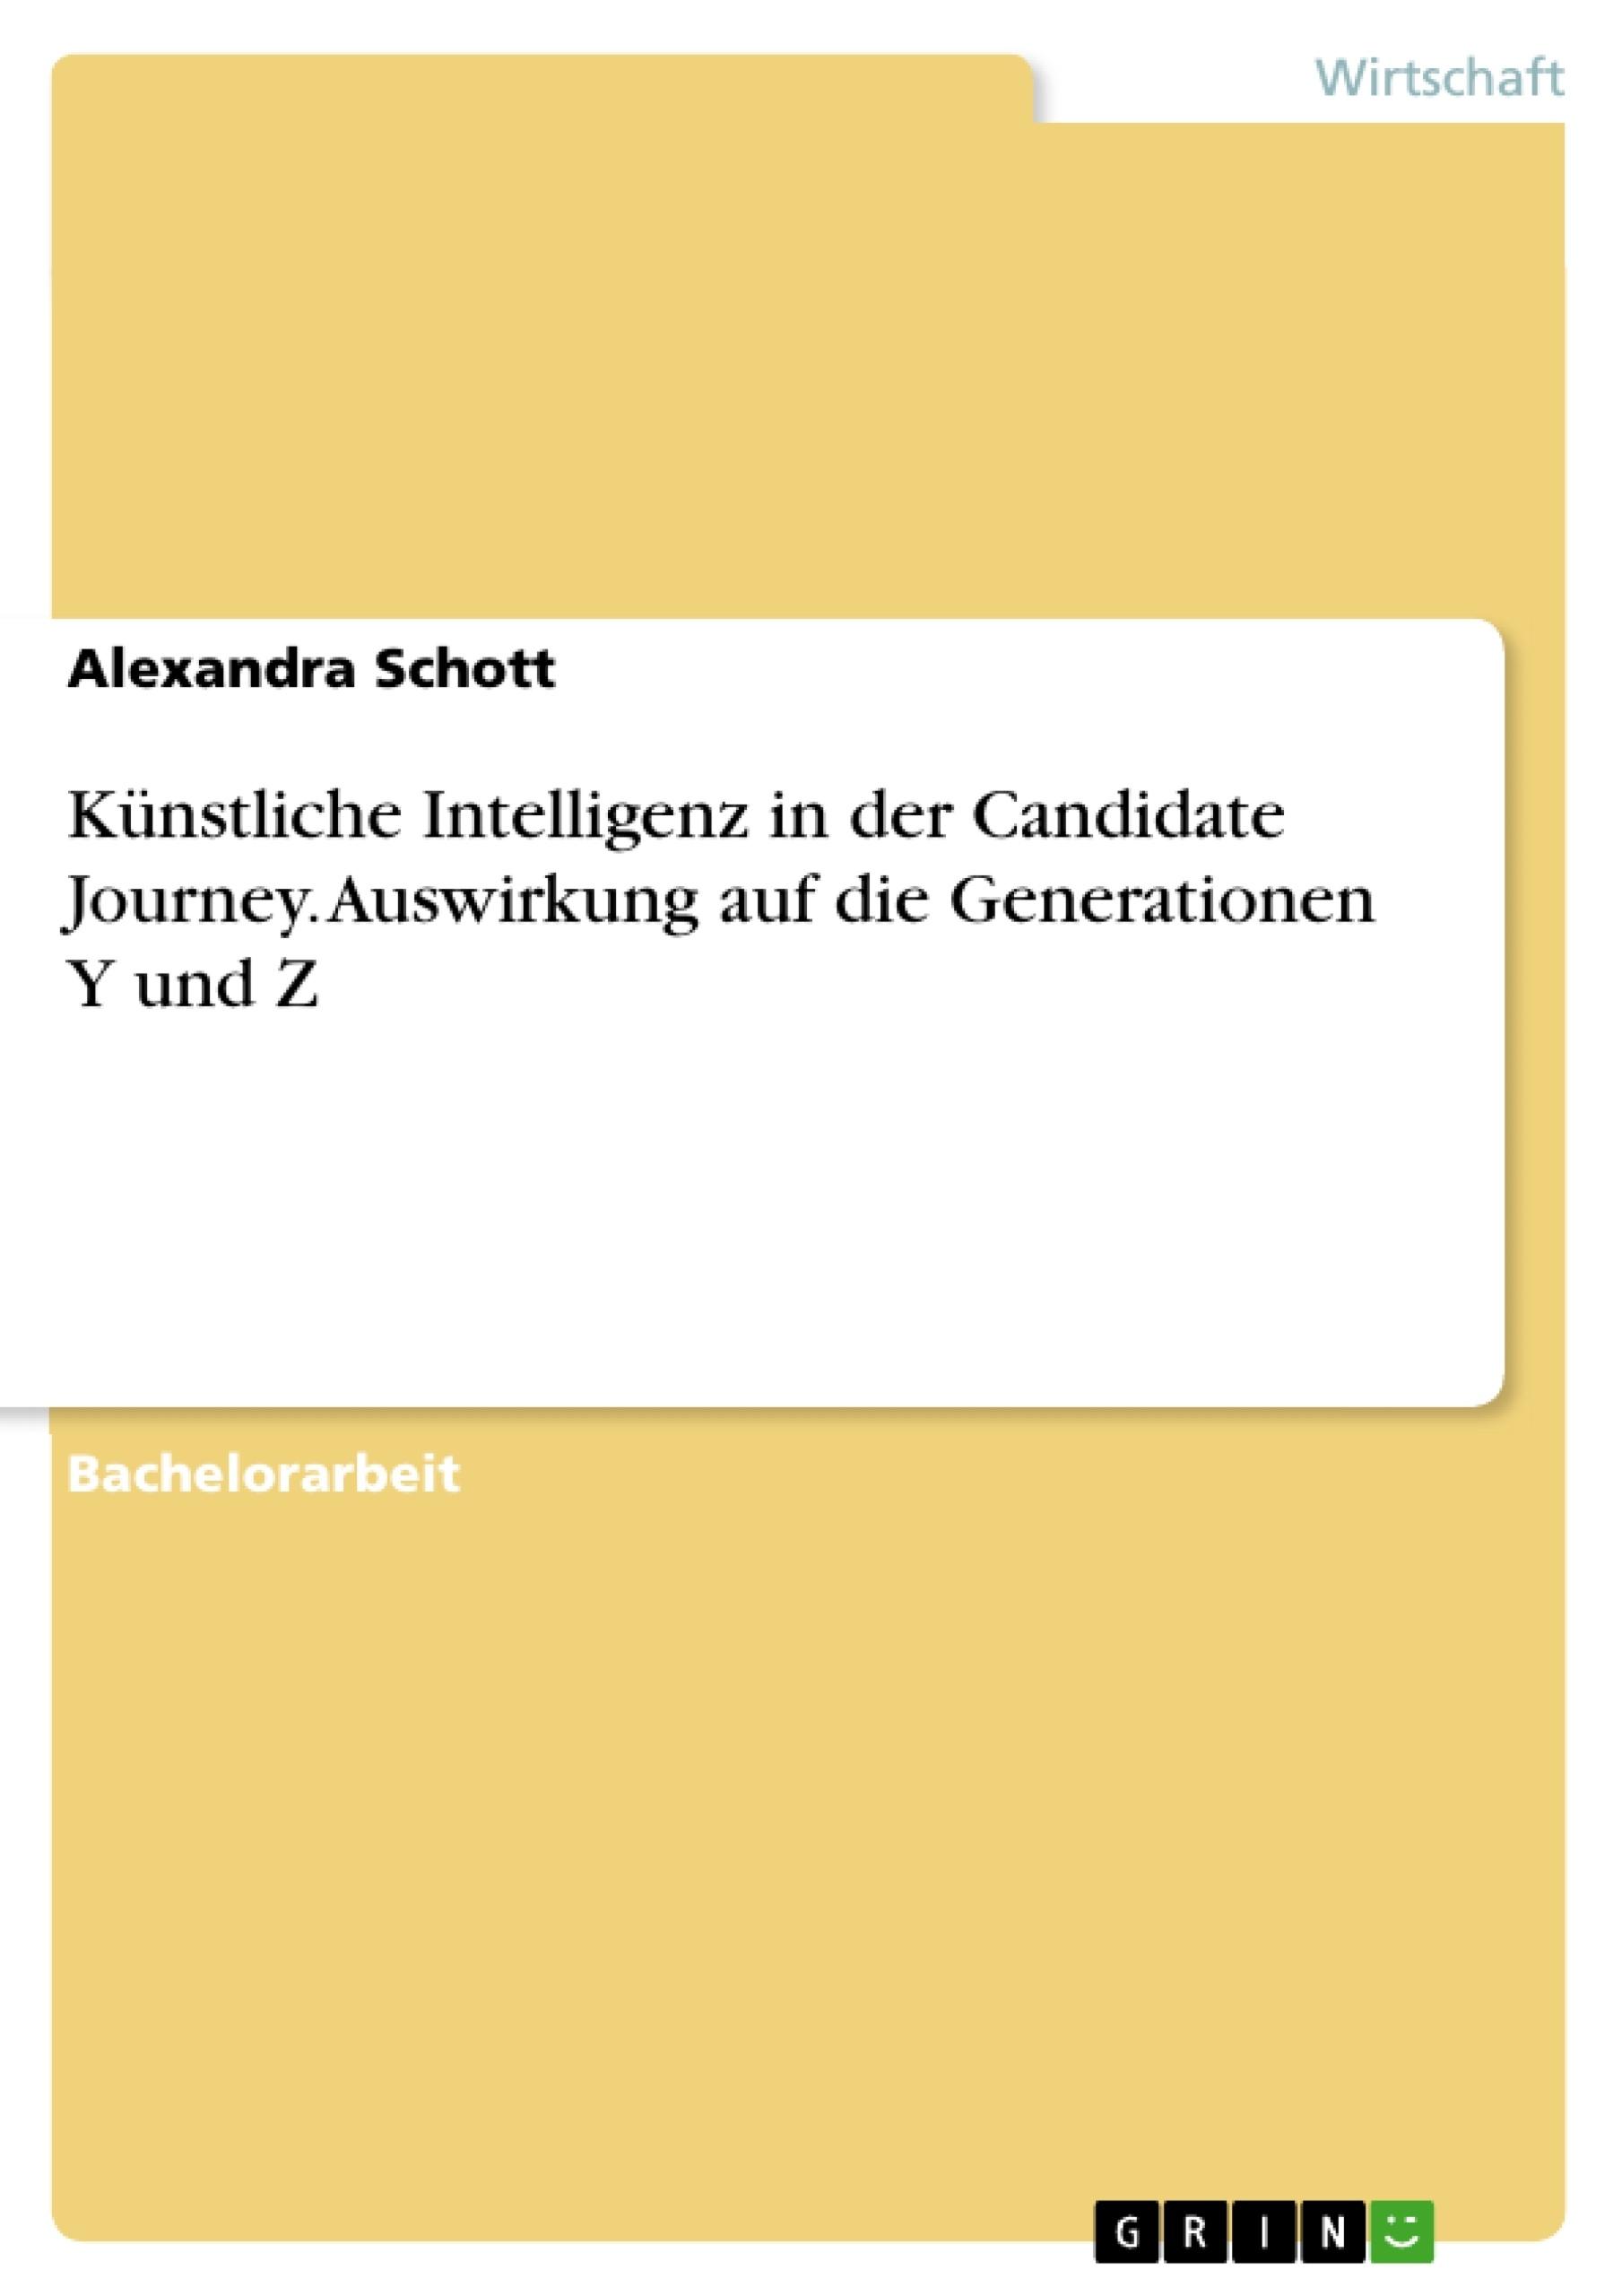 Titel: Künstliche Intelligenz in der Candidate Journey. Auswirkung auf die Generationen Y und Z